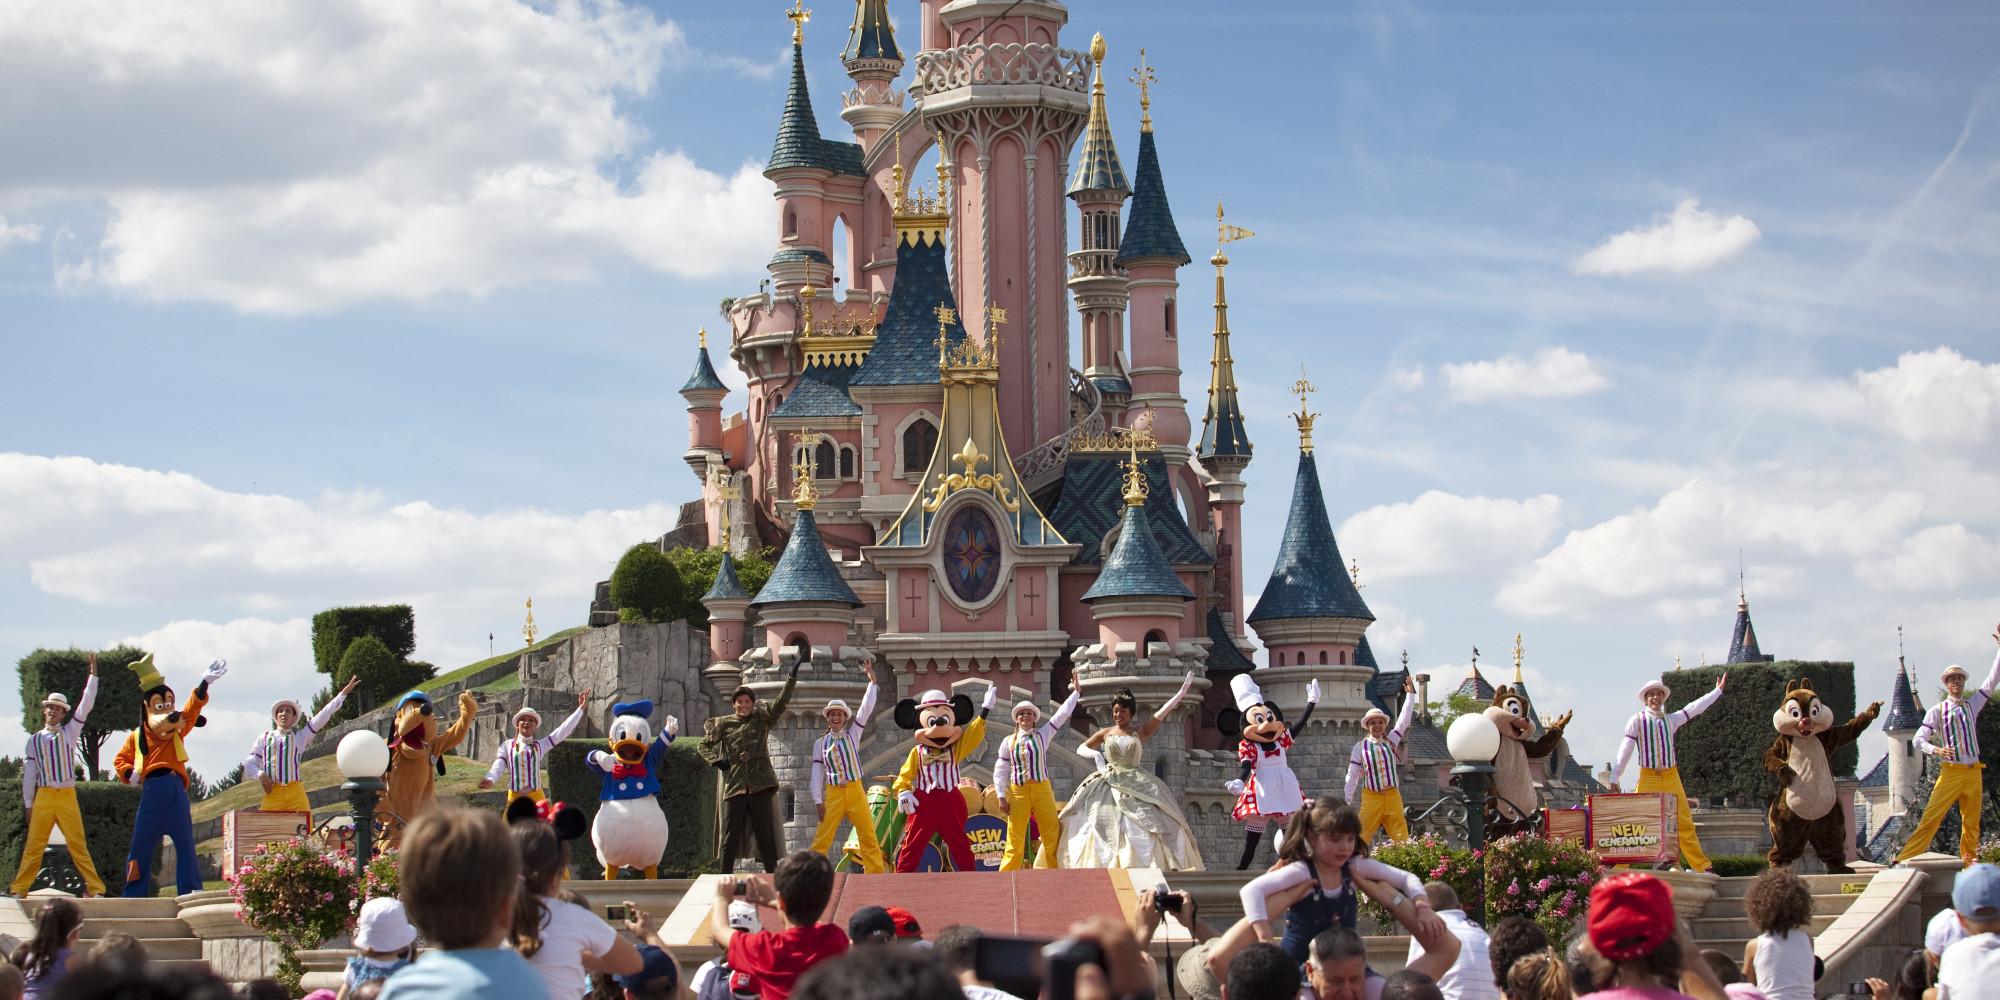 Disneyland Measles Outbreak Linked To December Visits